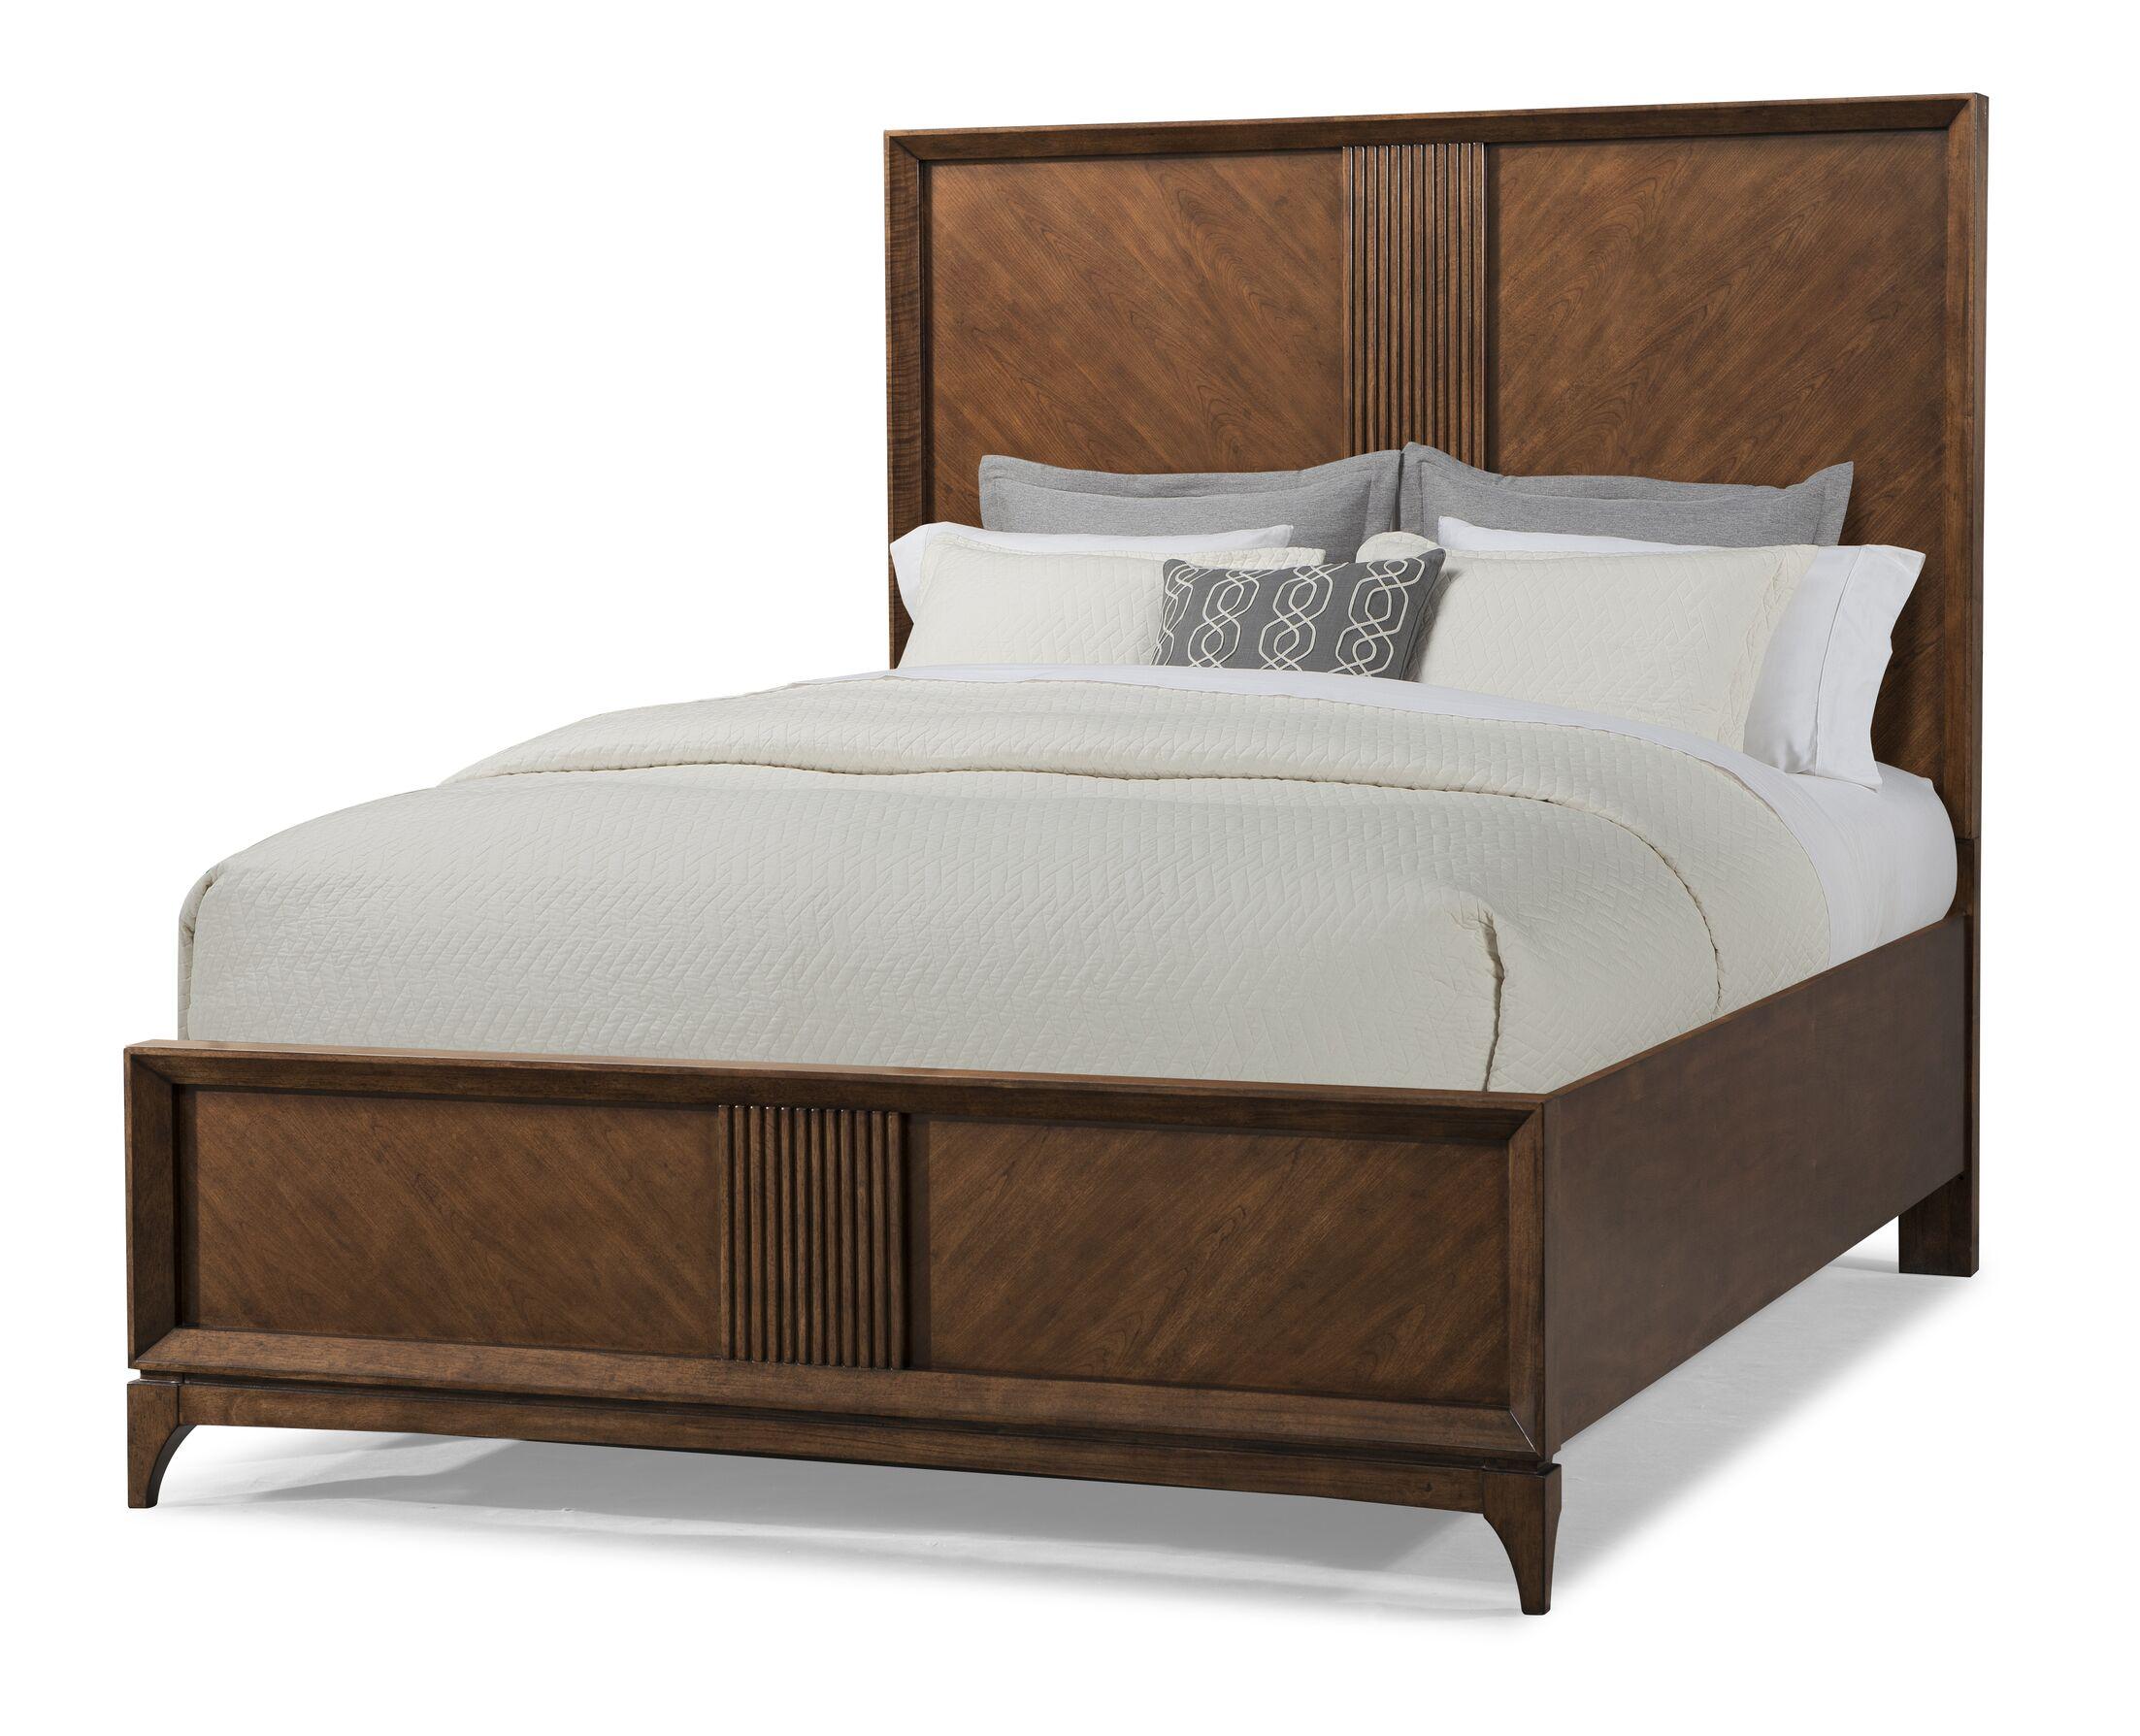 Sicard Platform Bed Size: King